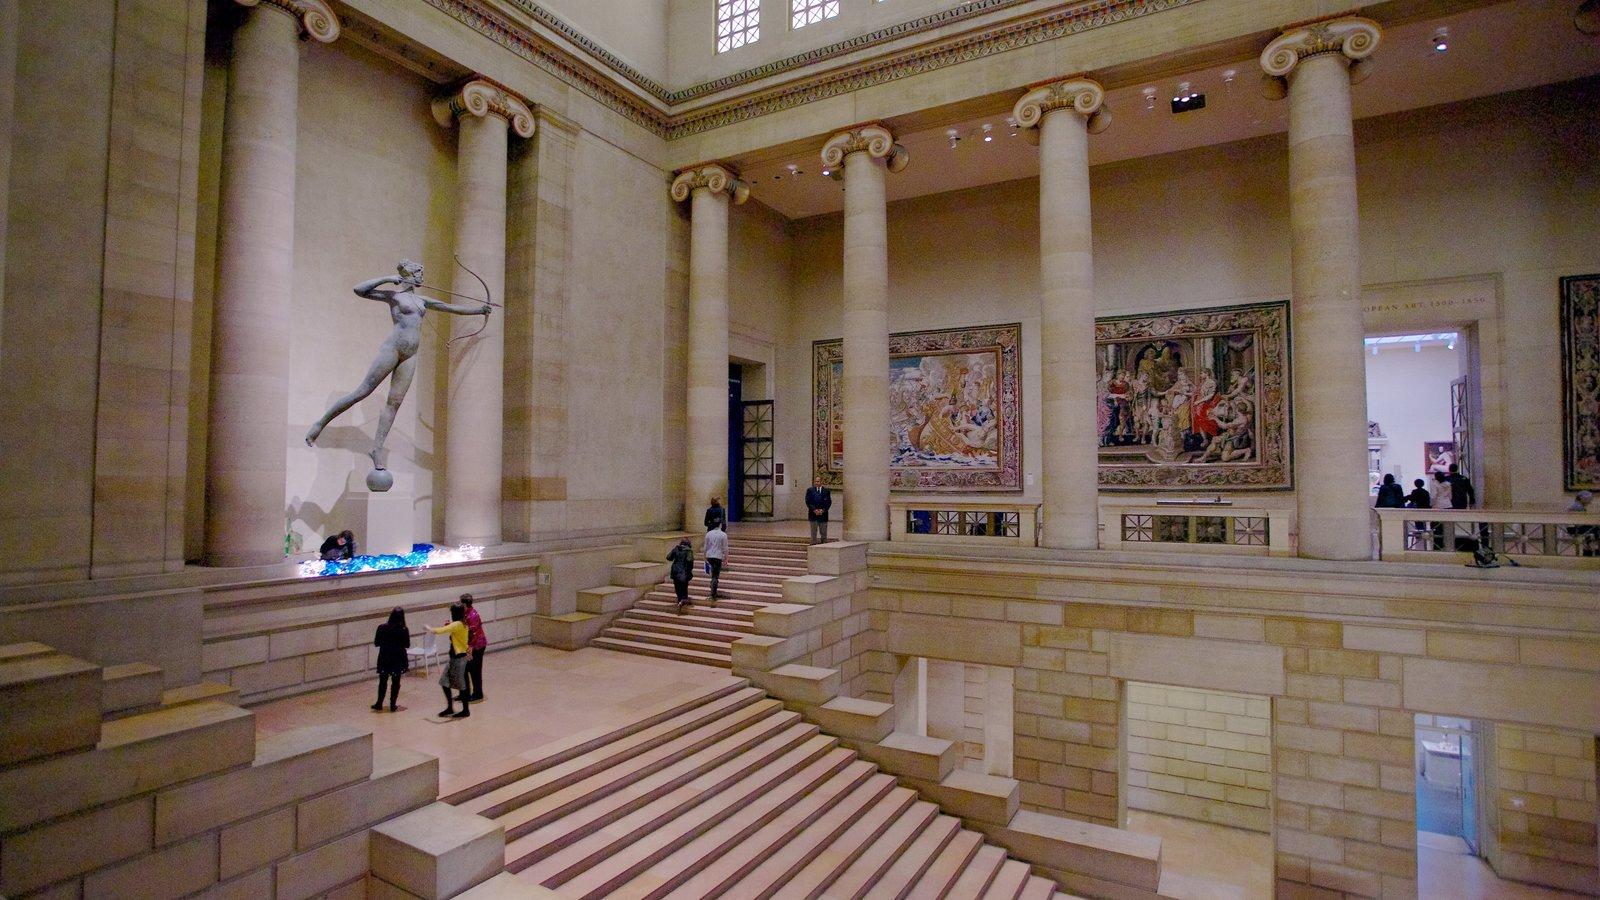 Filadelfia mostrando una estatua o escultura y vistas interiores